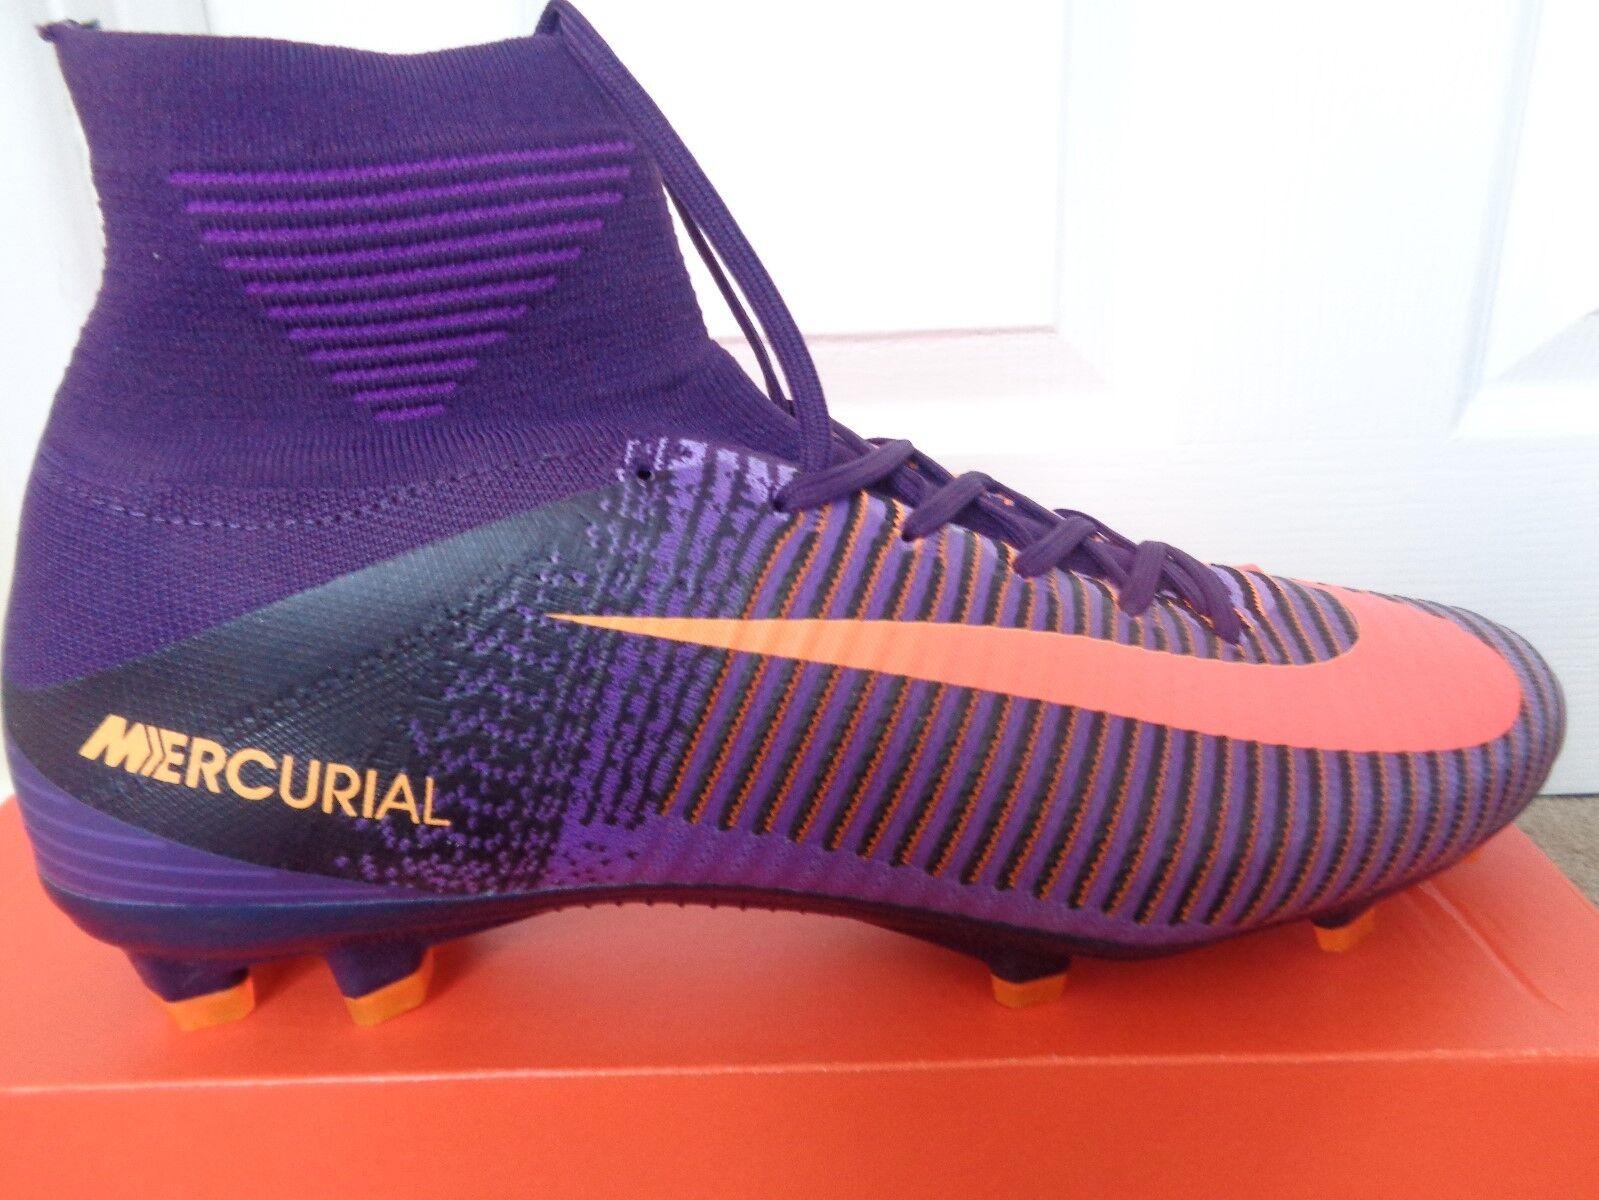 Nike Mercurial Superfly V FG botas de fútbol 831940 570 9 EU 44 nos 10 Nuevo + Caja